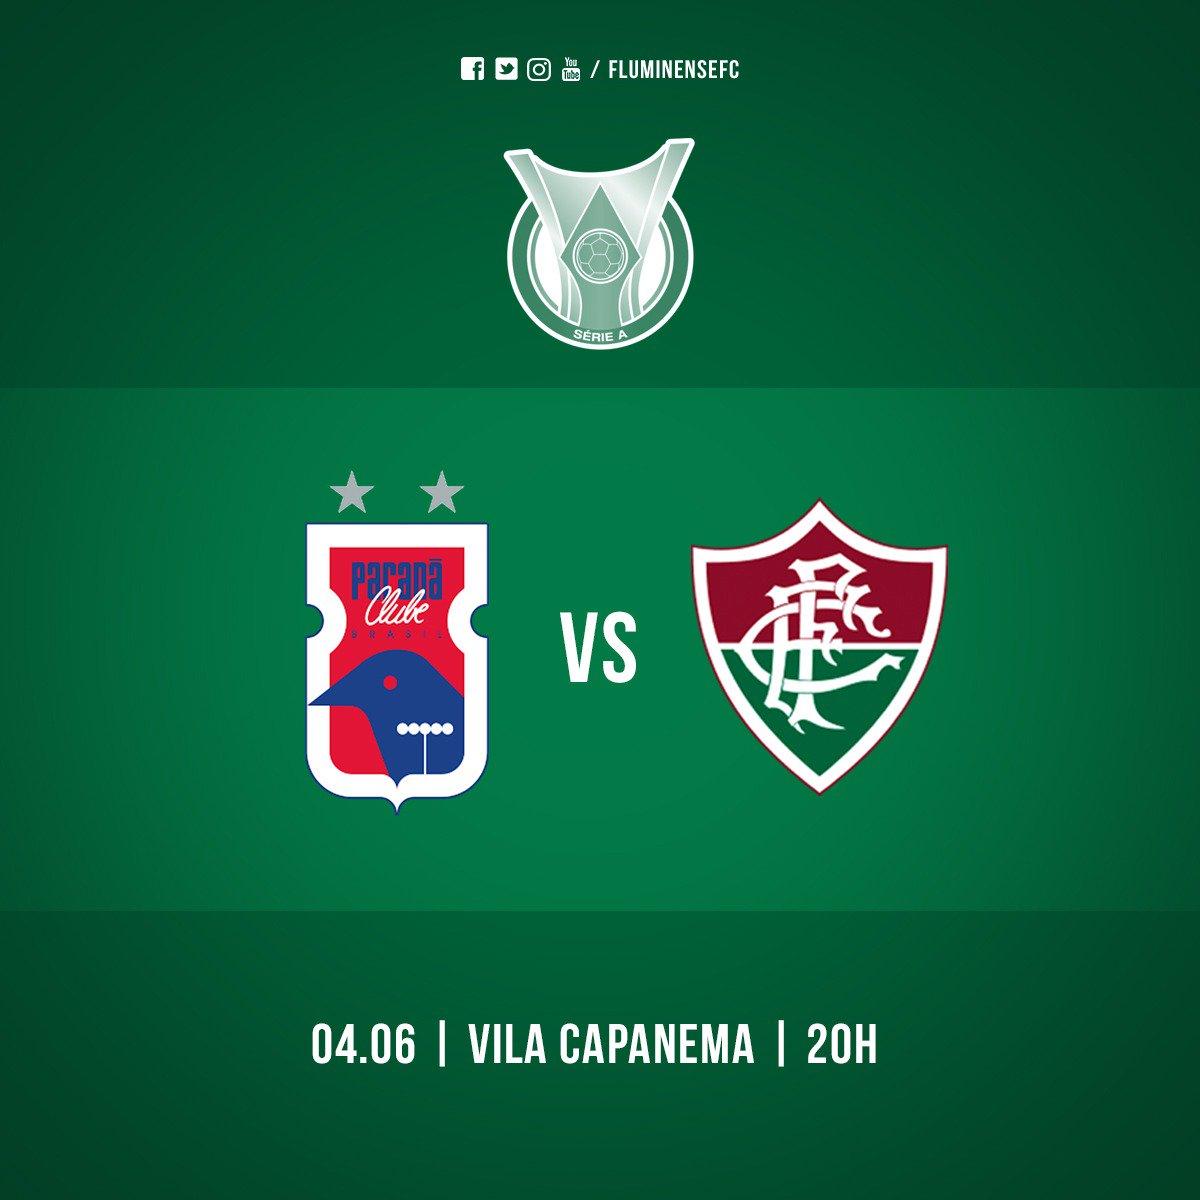 Paraná x Fluminense